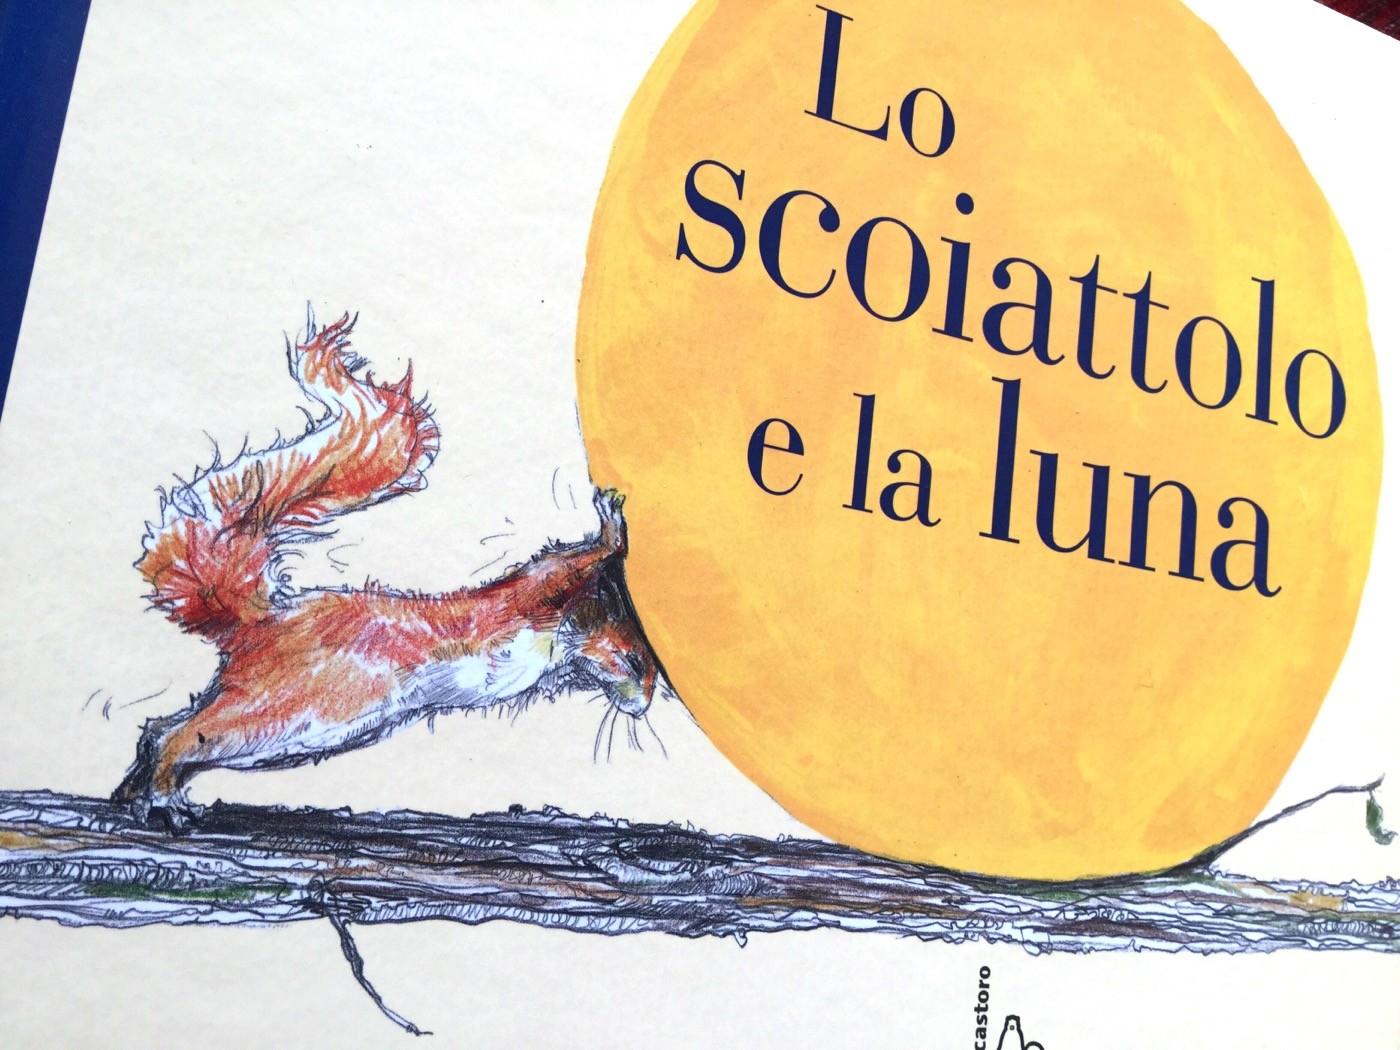 scoiattolo-luna-Meschenmoser-Castoro-Galline-Volanti